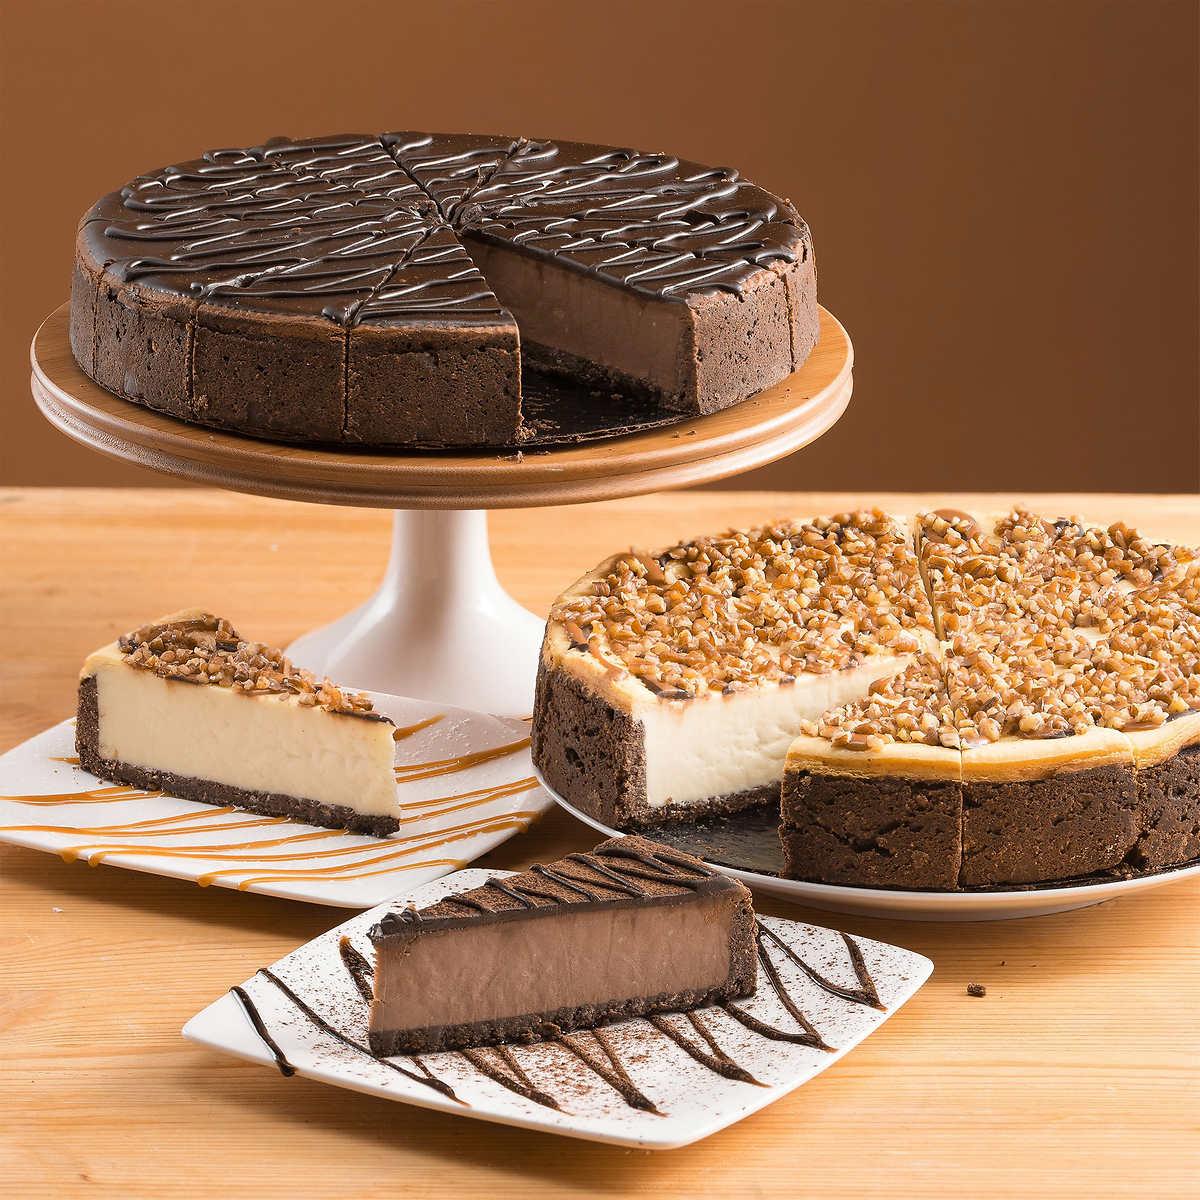 costco canada cake order form pdf